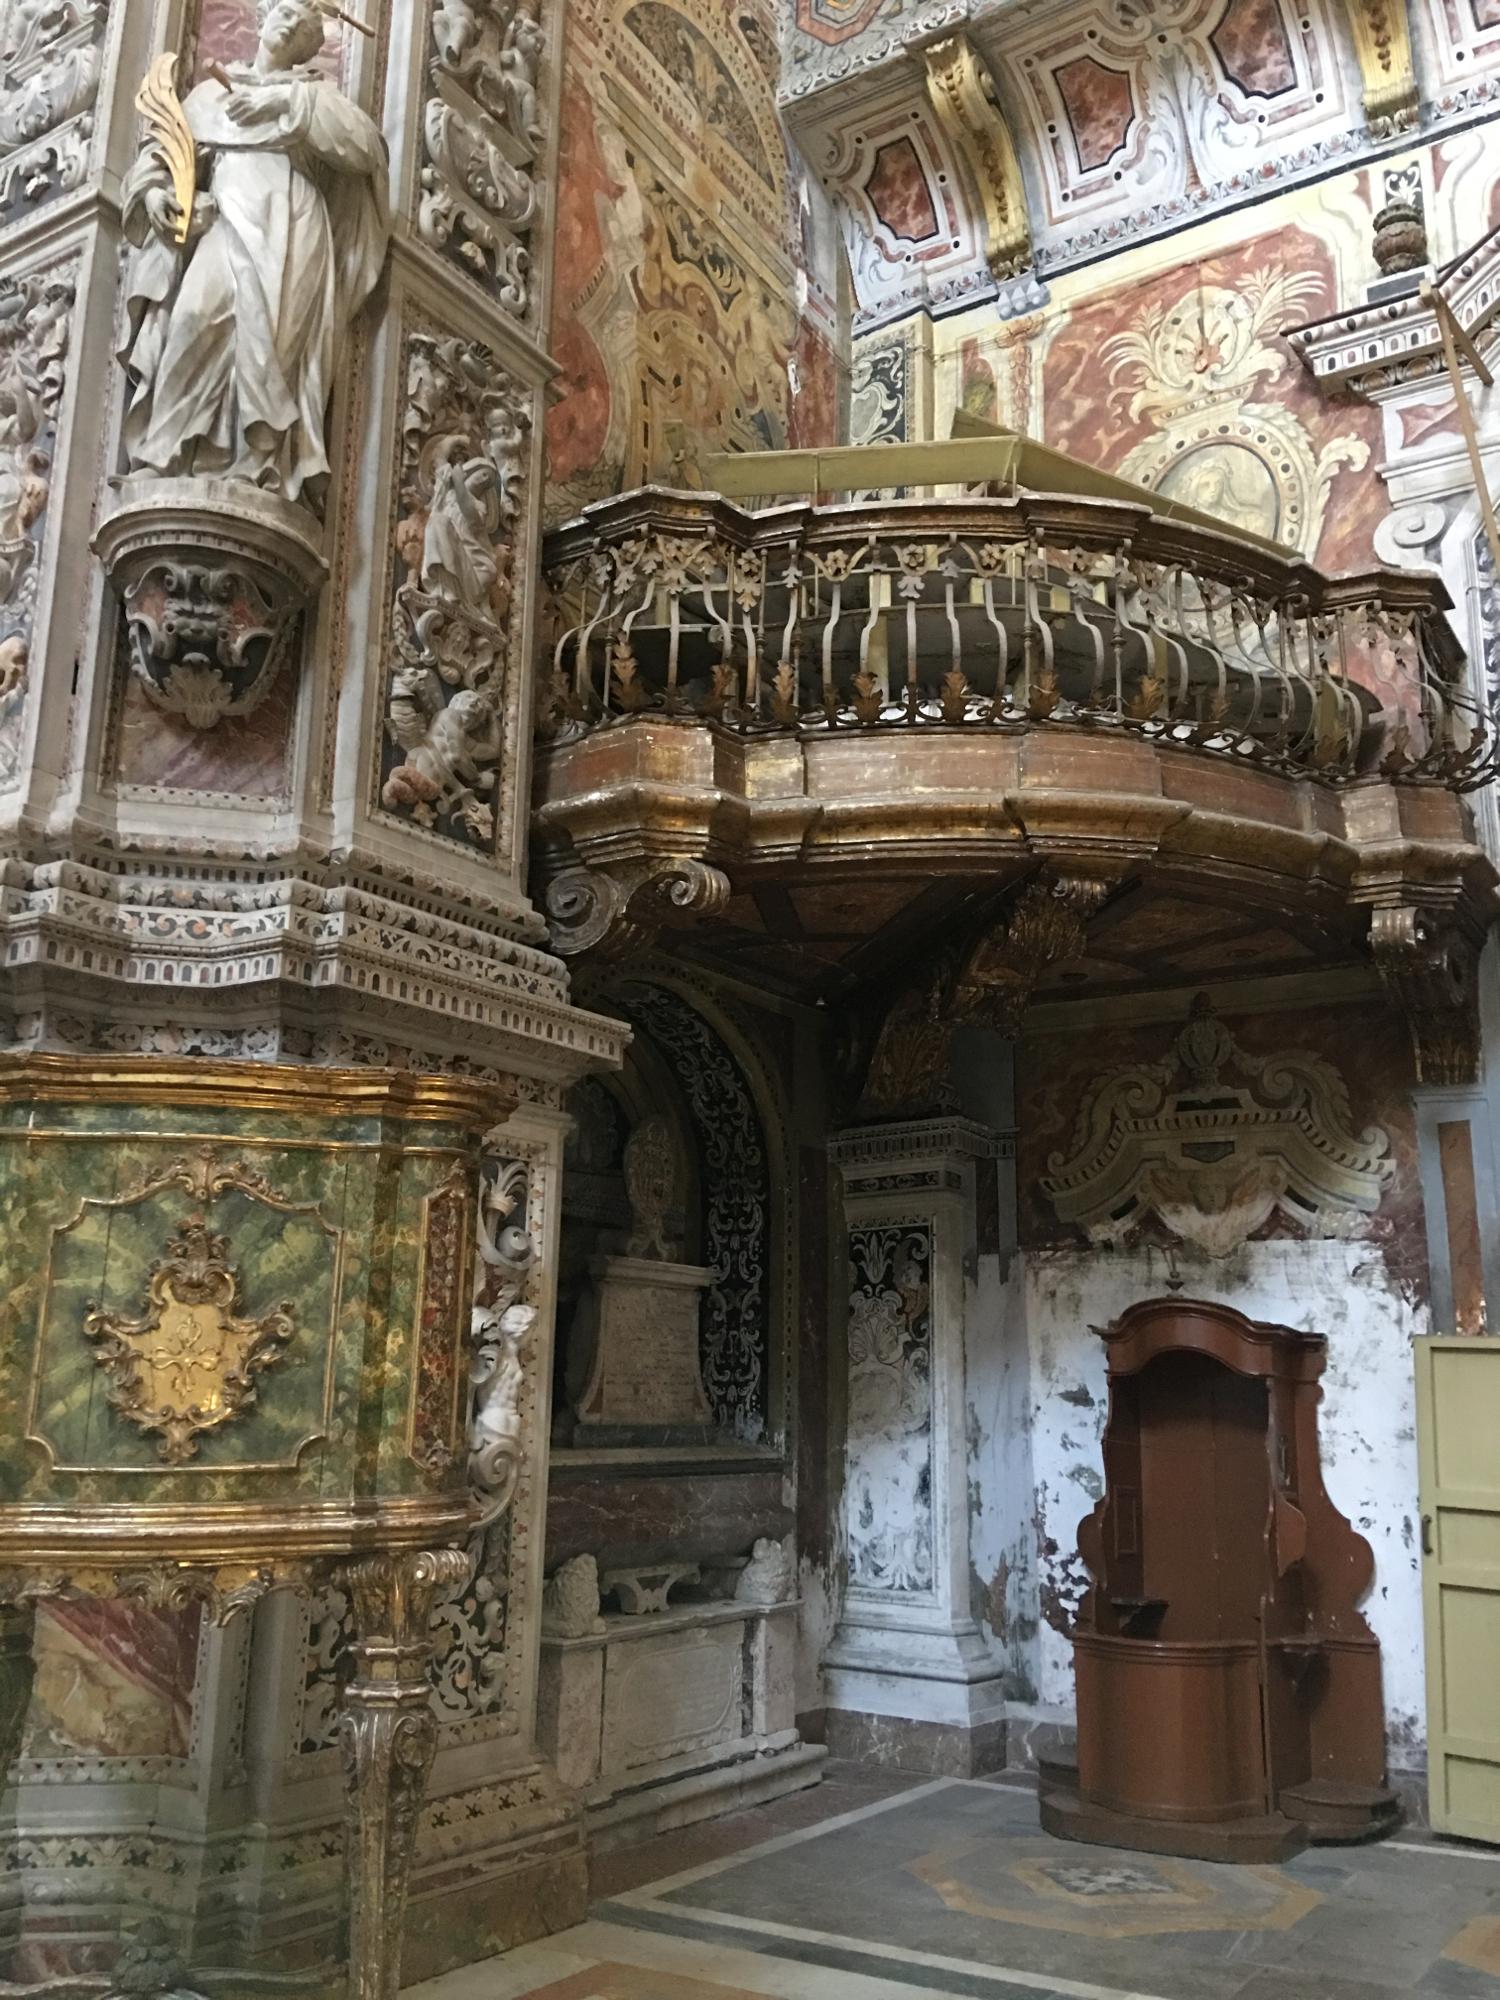 rocaille-blog-sicilia-palermo-santa-caterina-49